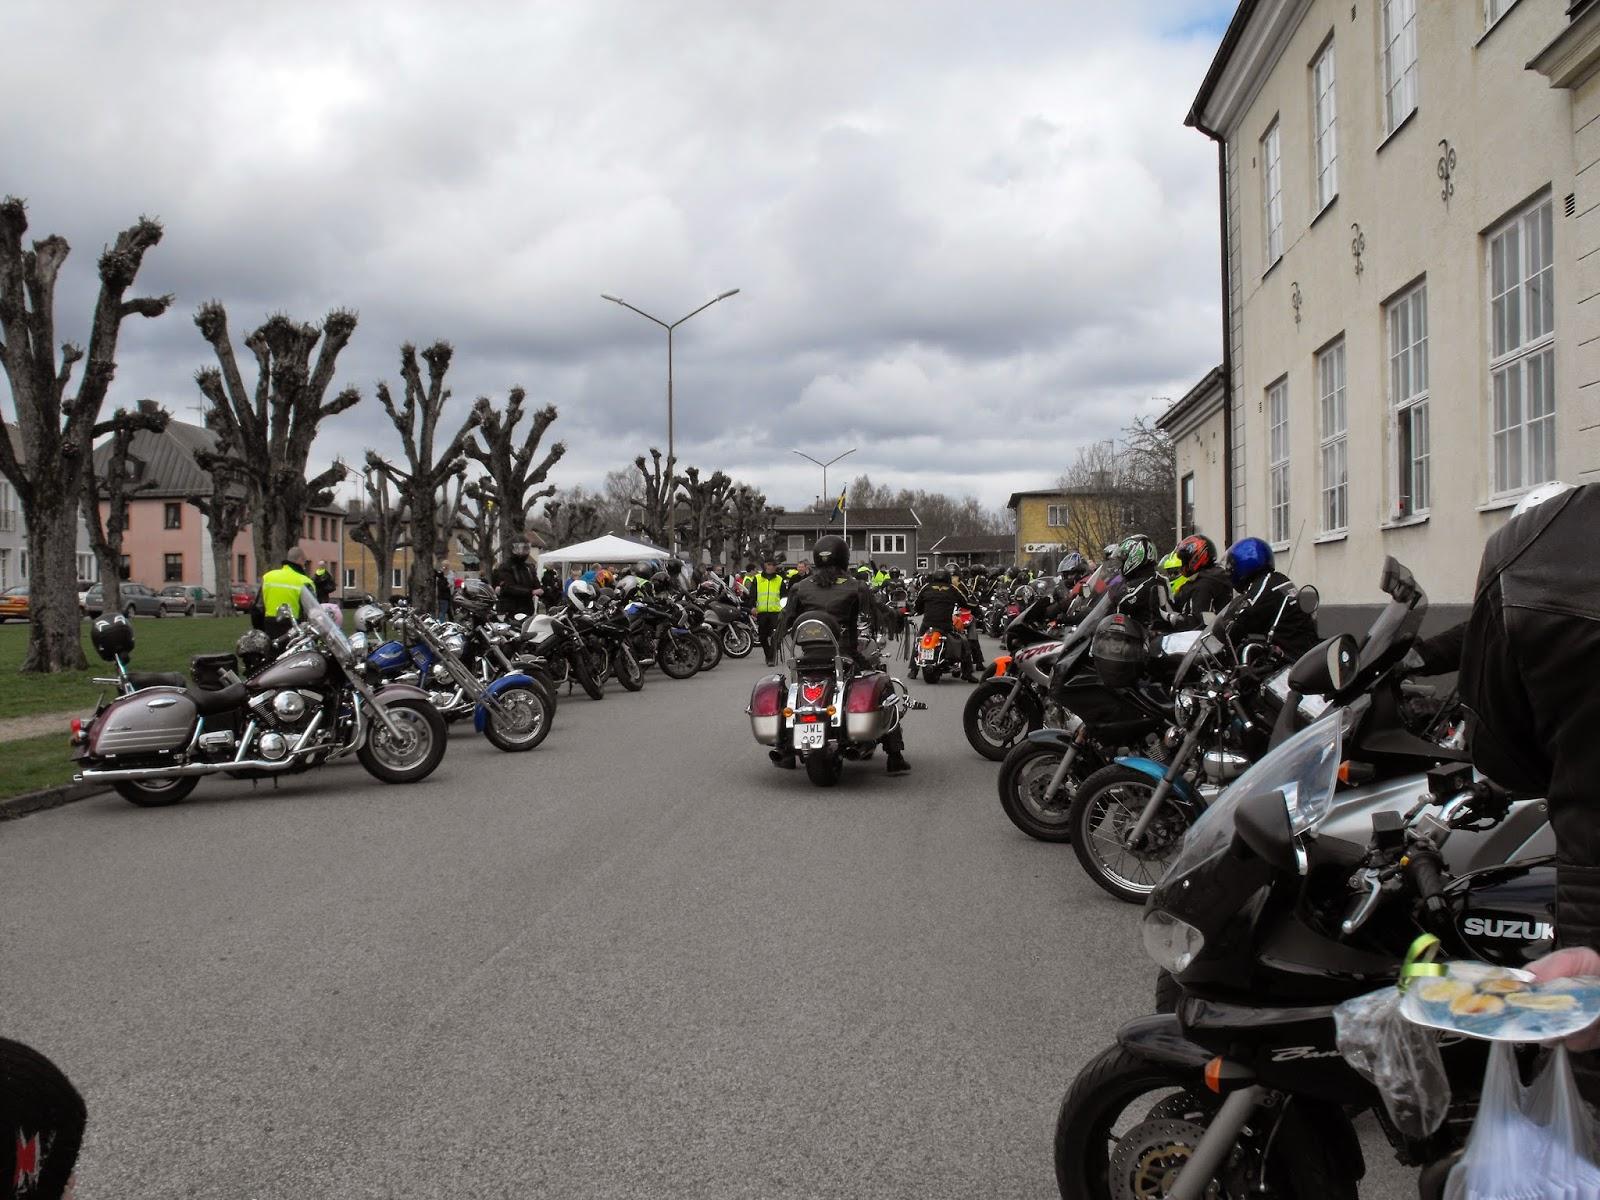 Vårmarknad i Sösdala, Sösdala, vårmarknad, marknad, Lille Mads rally, motorcyklar